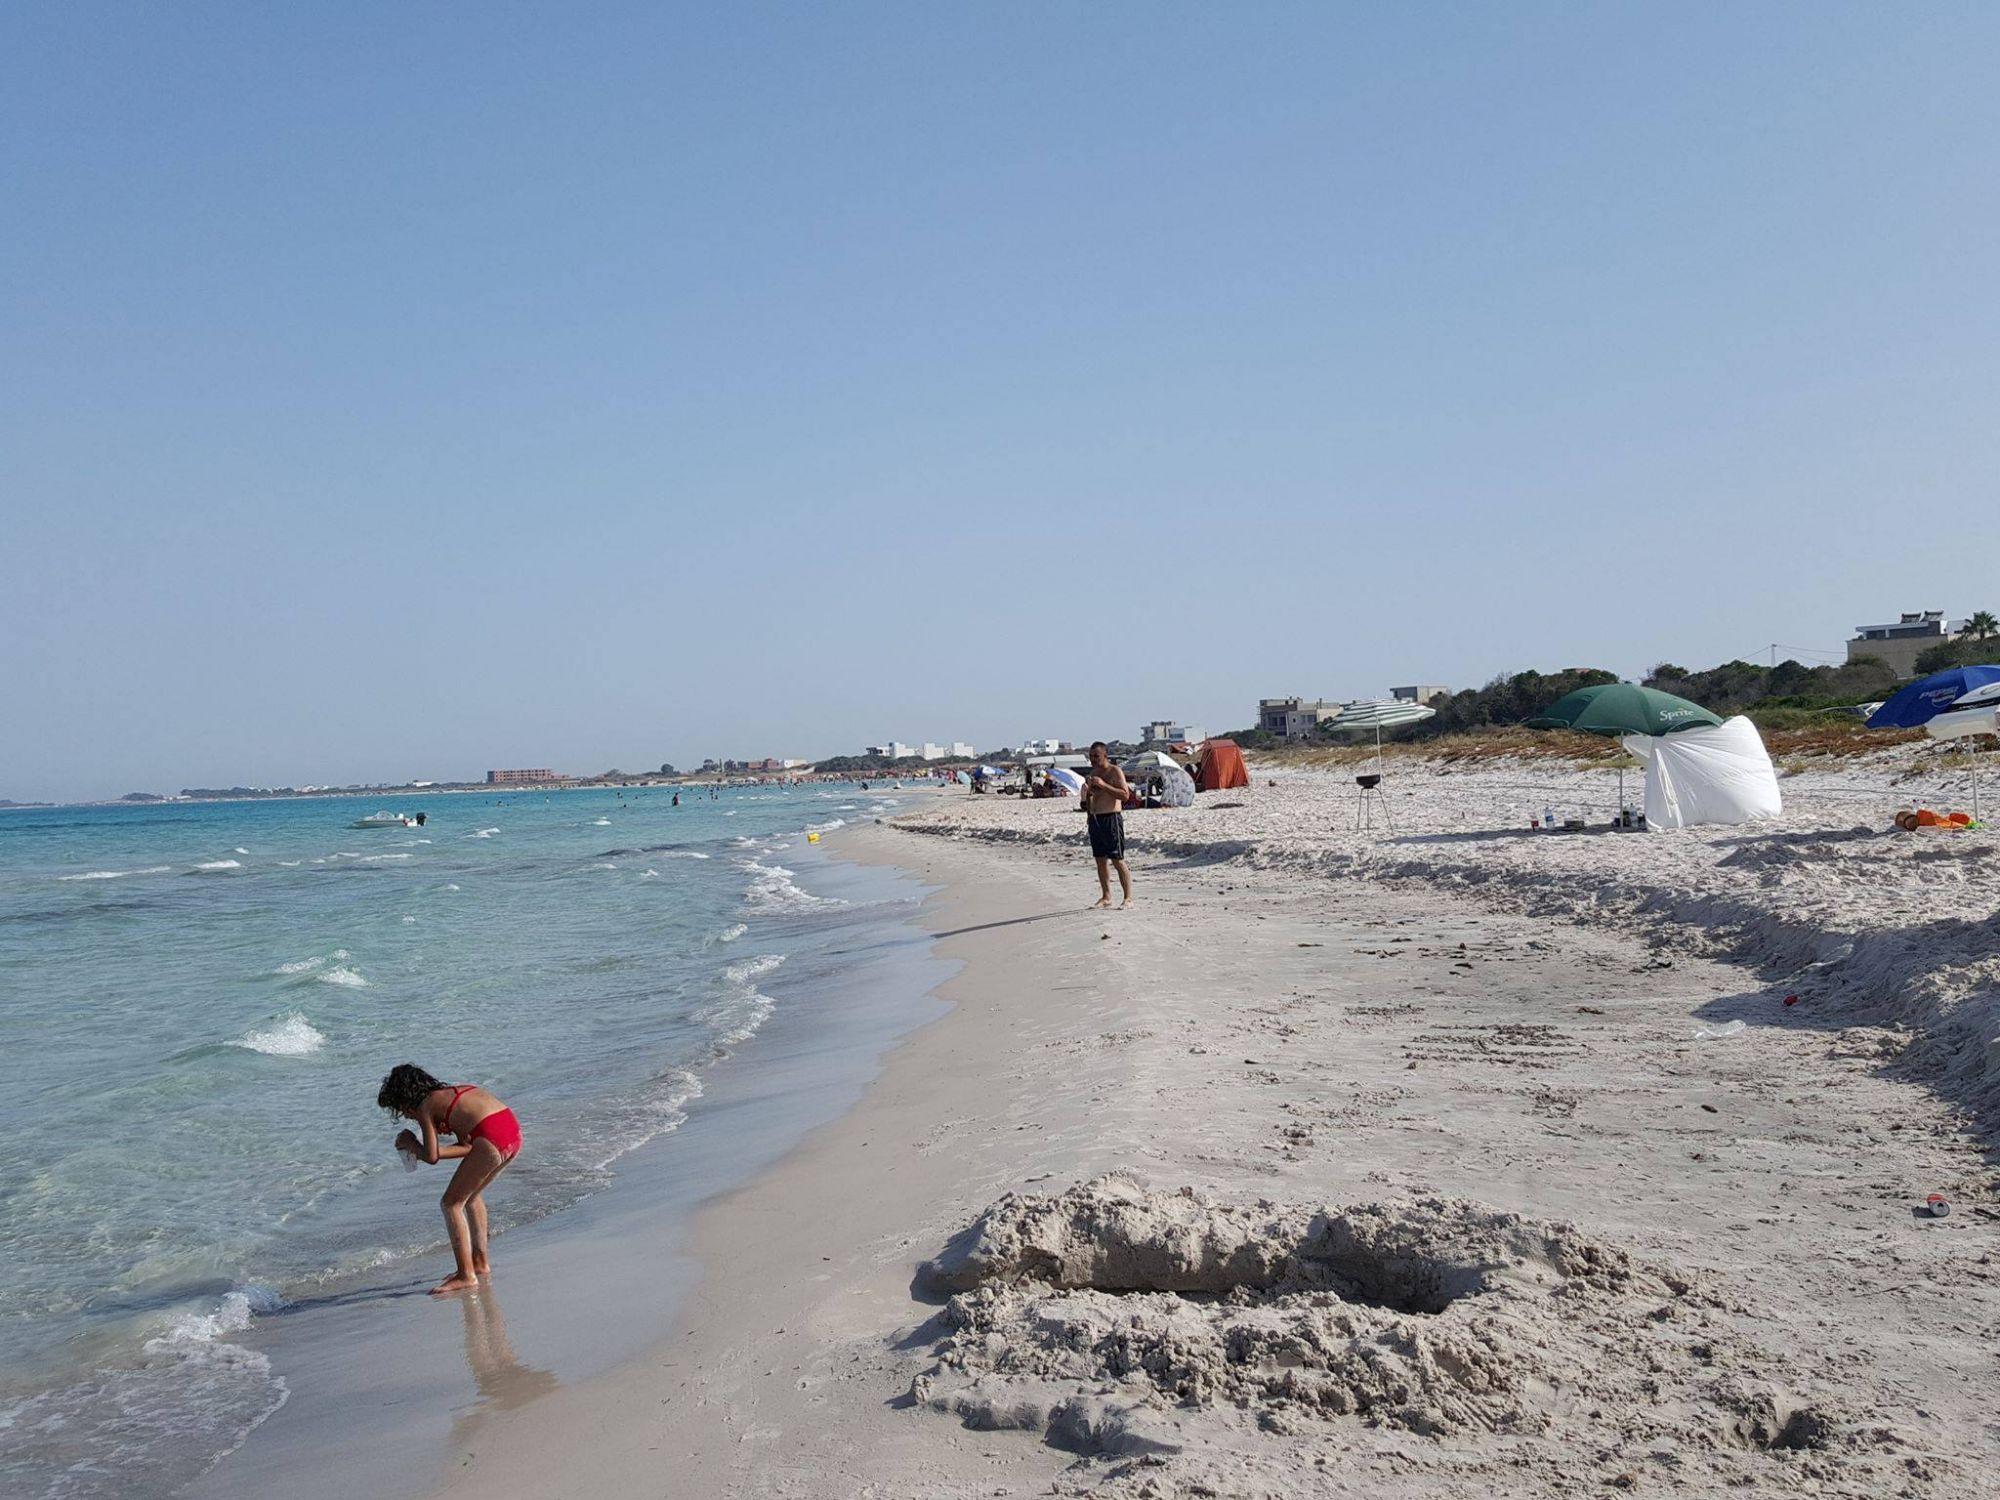 Occasion terrain vue sur mer ezzahra kelibia